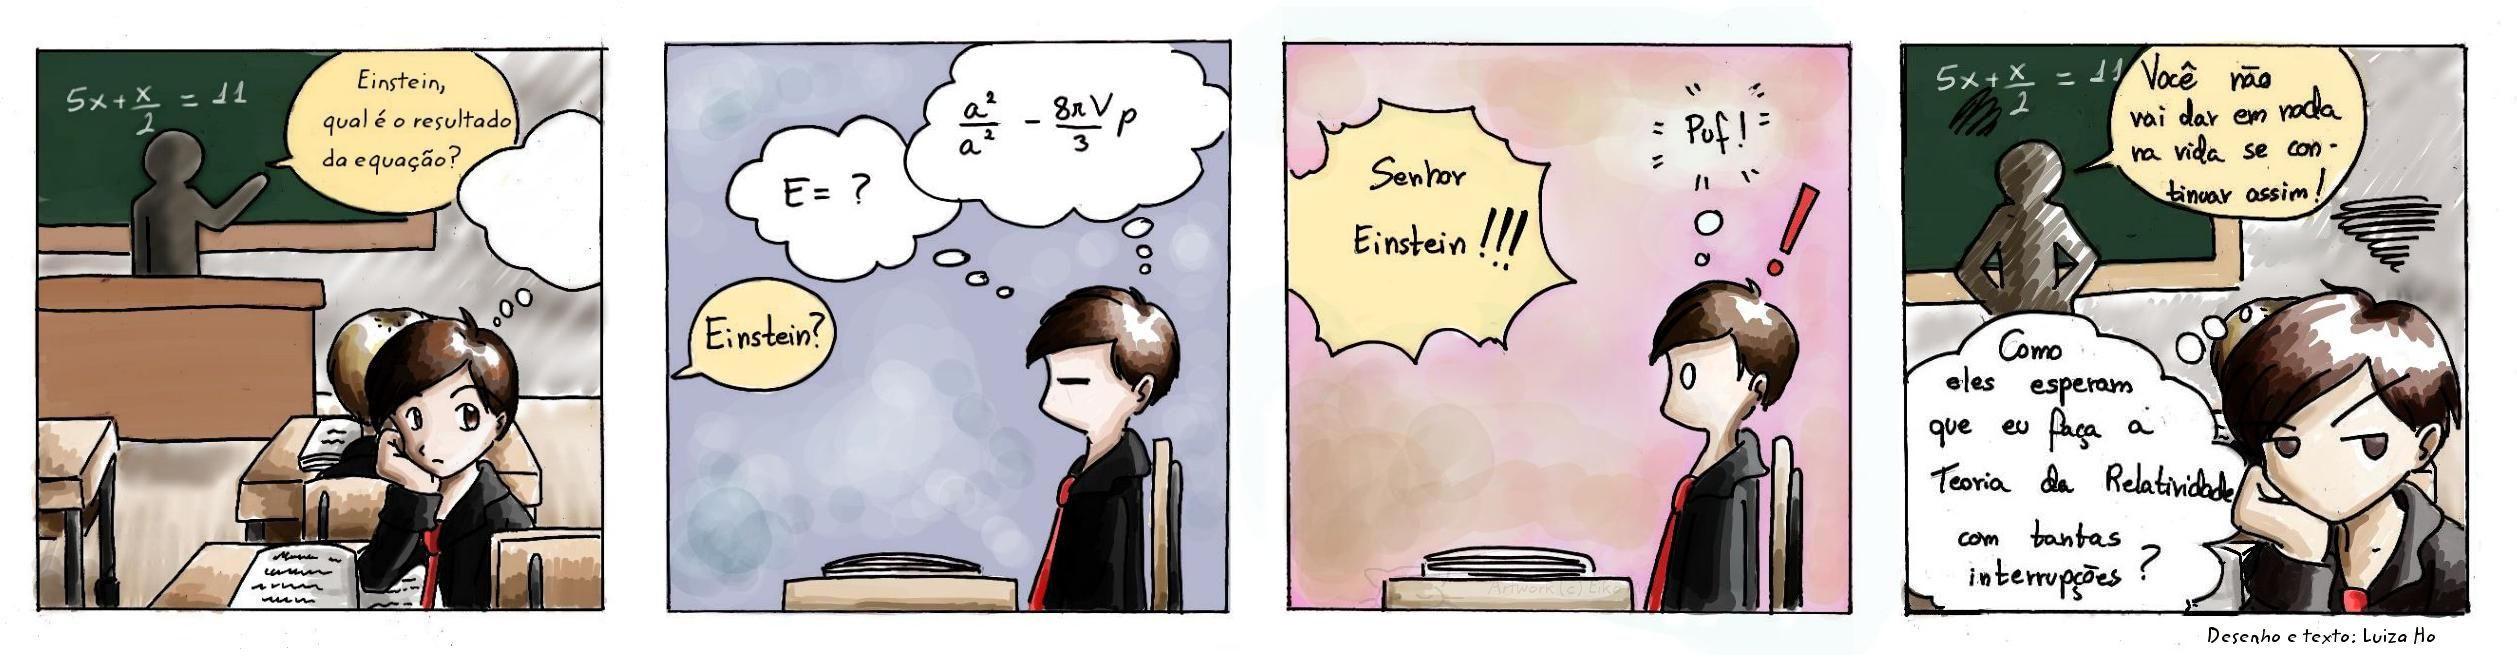 Einstein - Genius at school by eikomakimachi